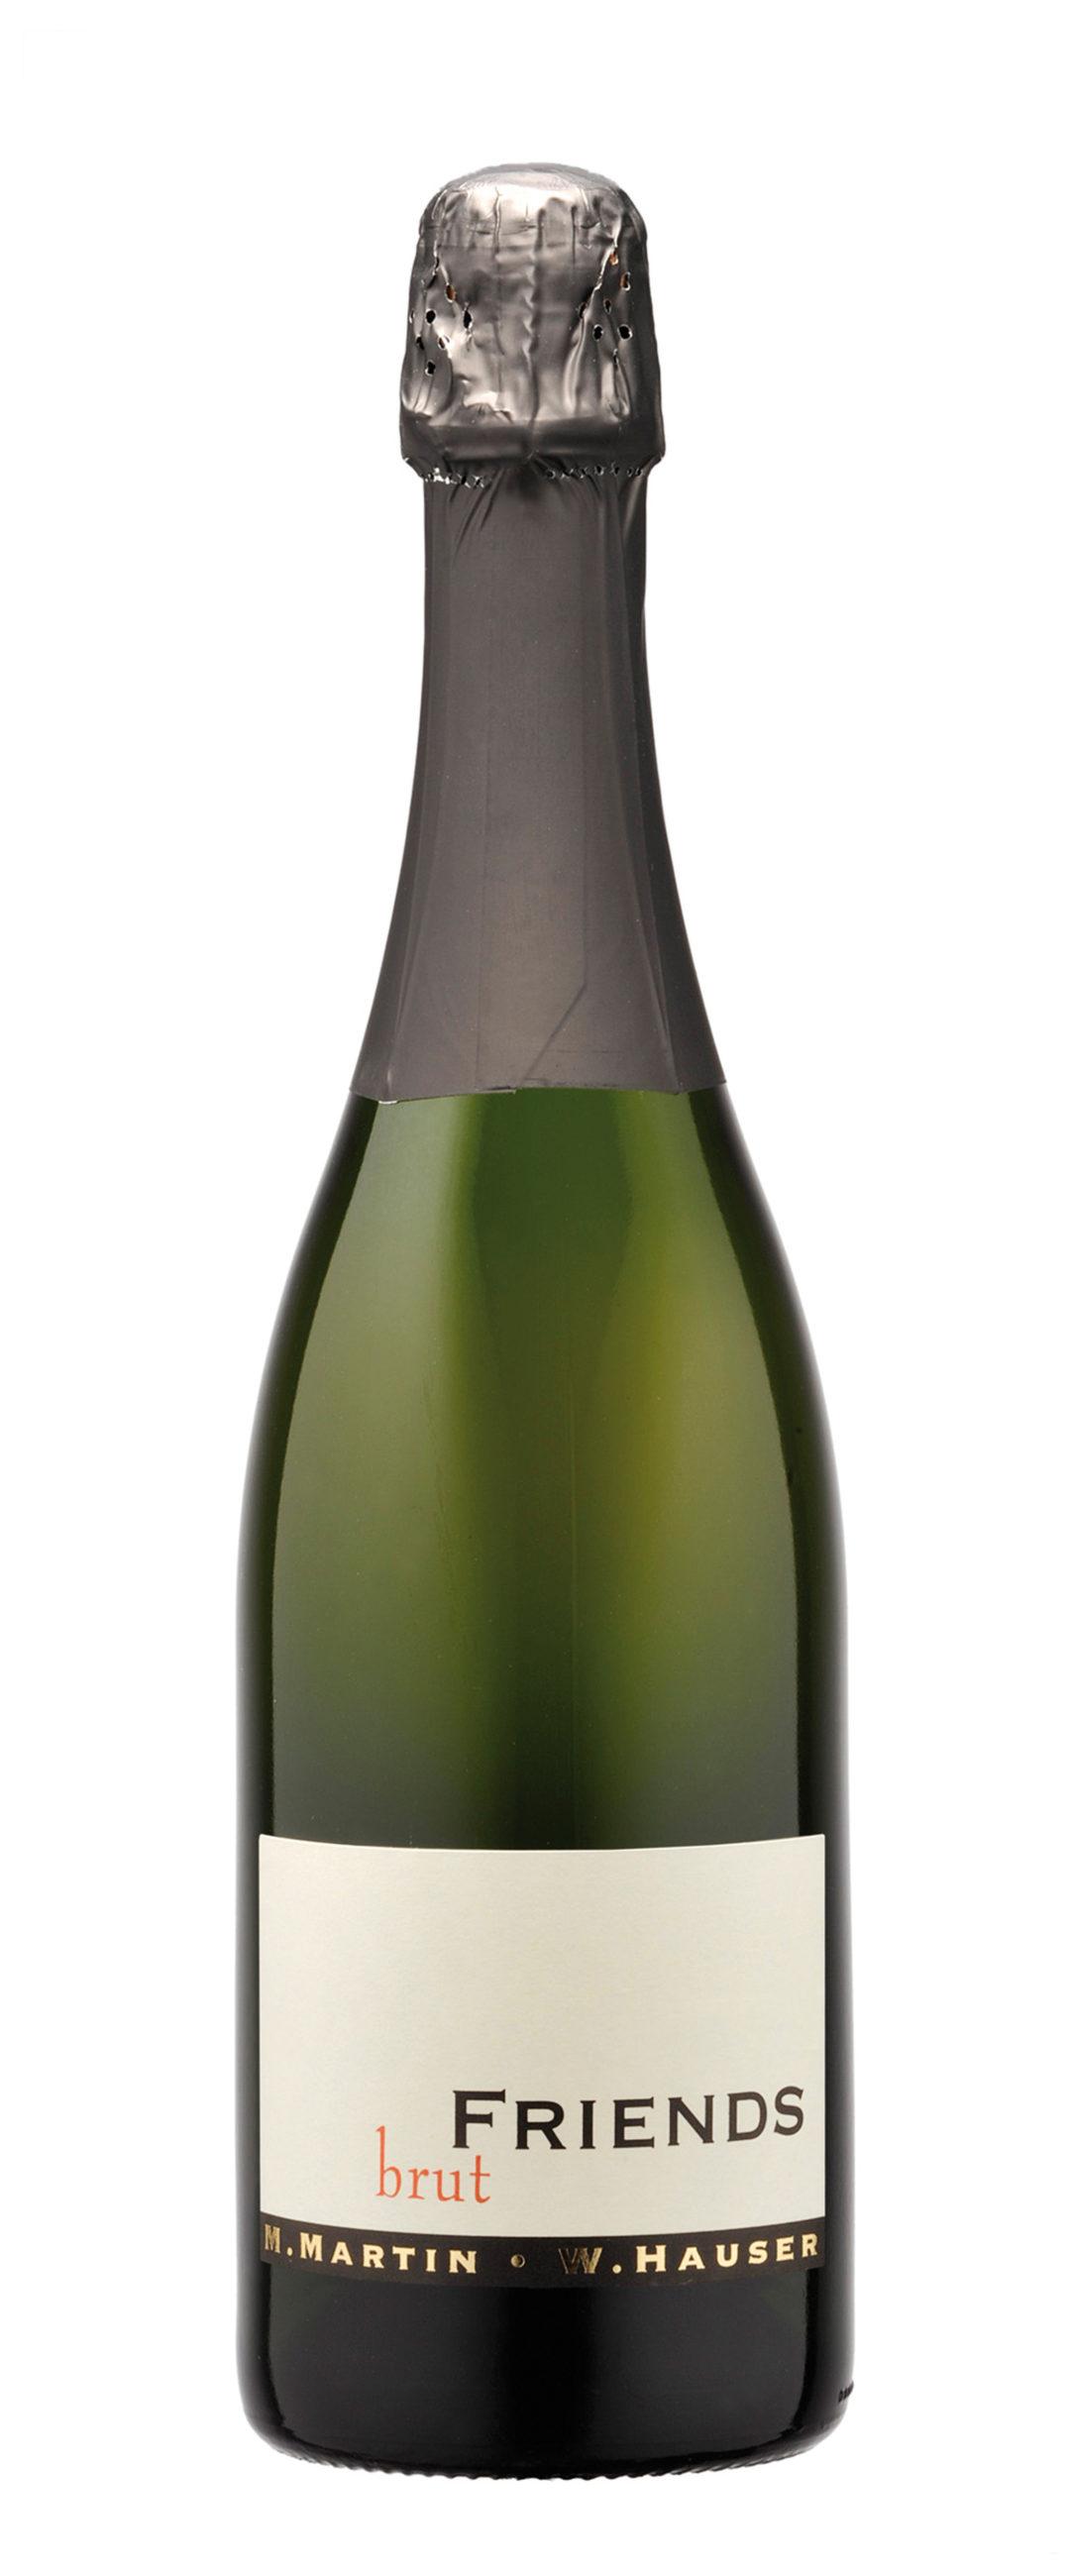 Friends brut (Chardonnay-Pinot Noir)